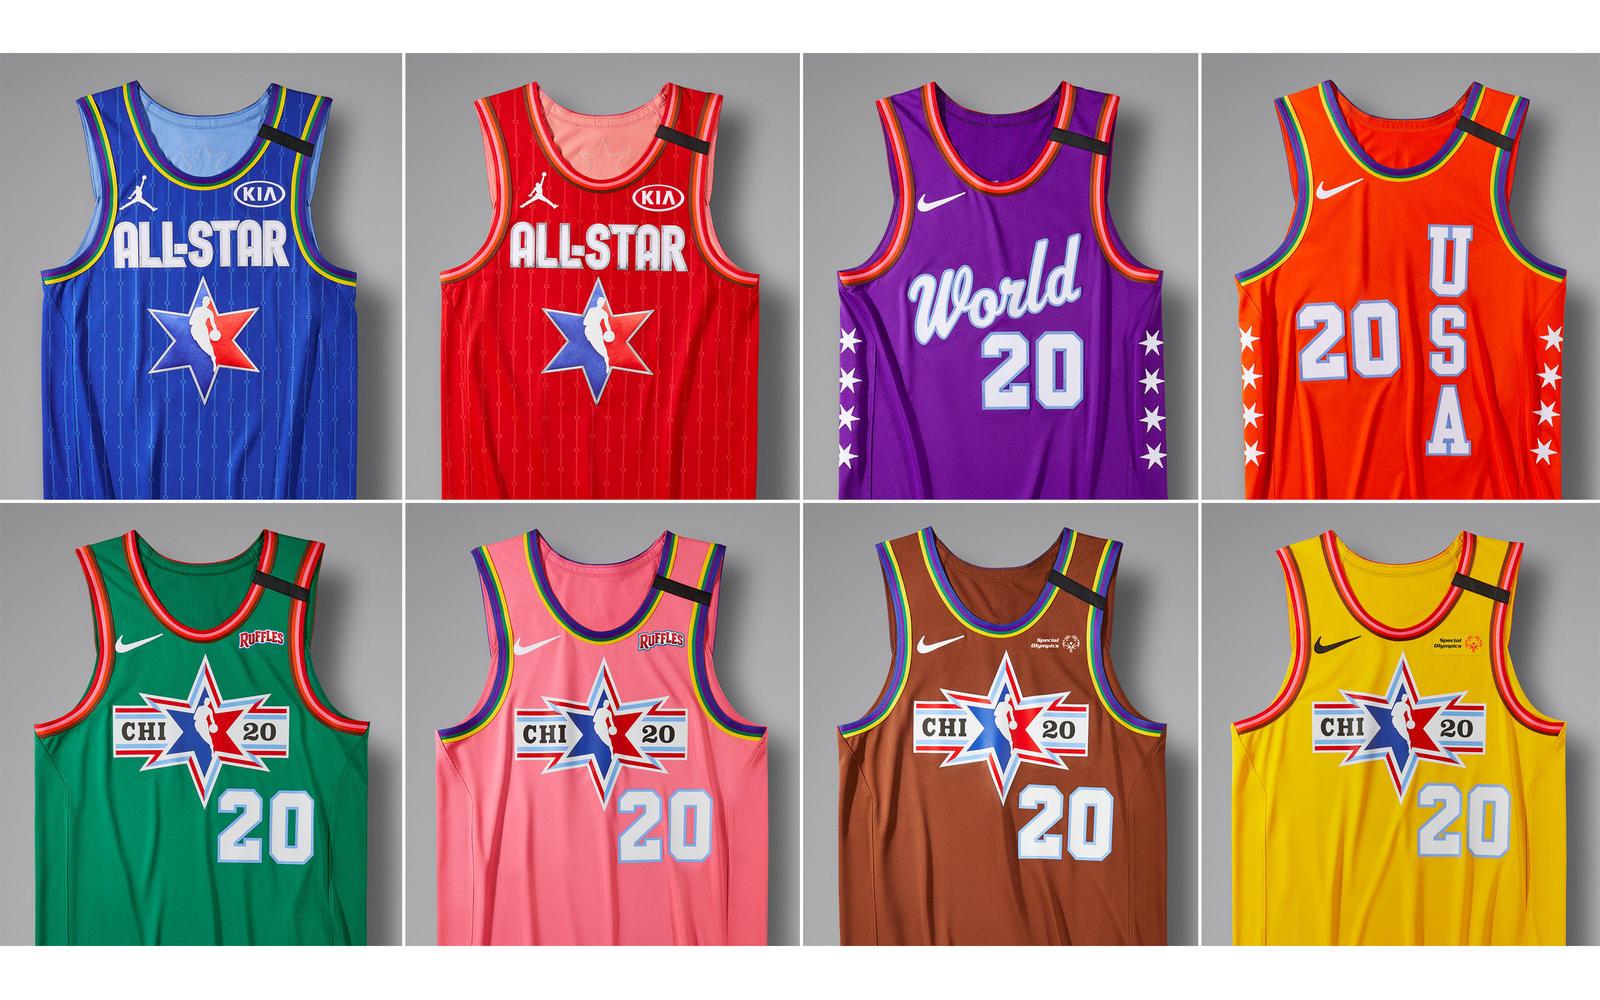 Đồng phục thi đấu All Star 2020 chính thức ra mắt: Vinh danh lịch sử của thành phố Chicago